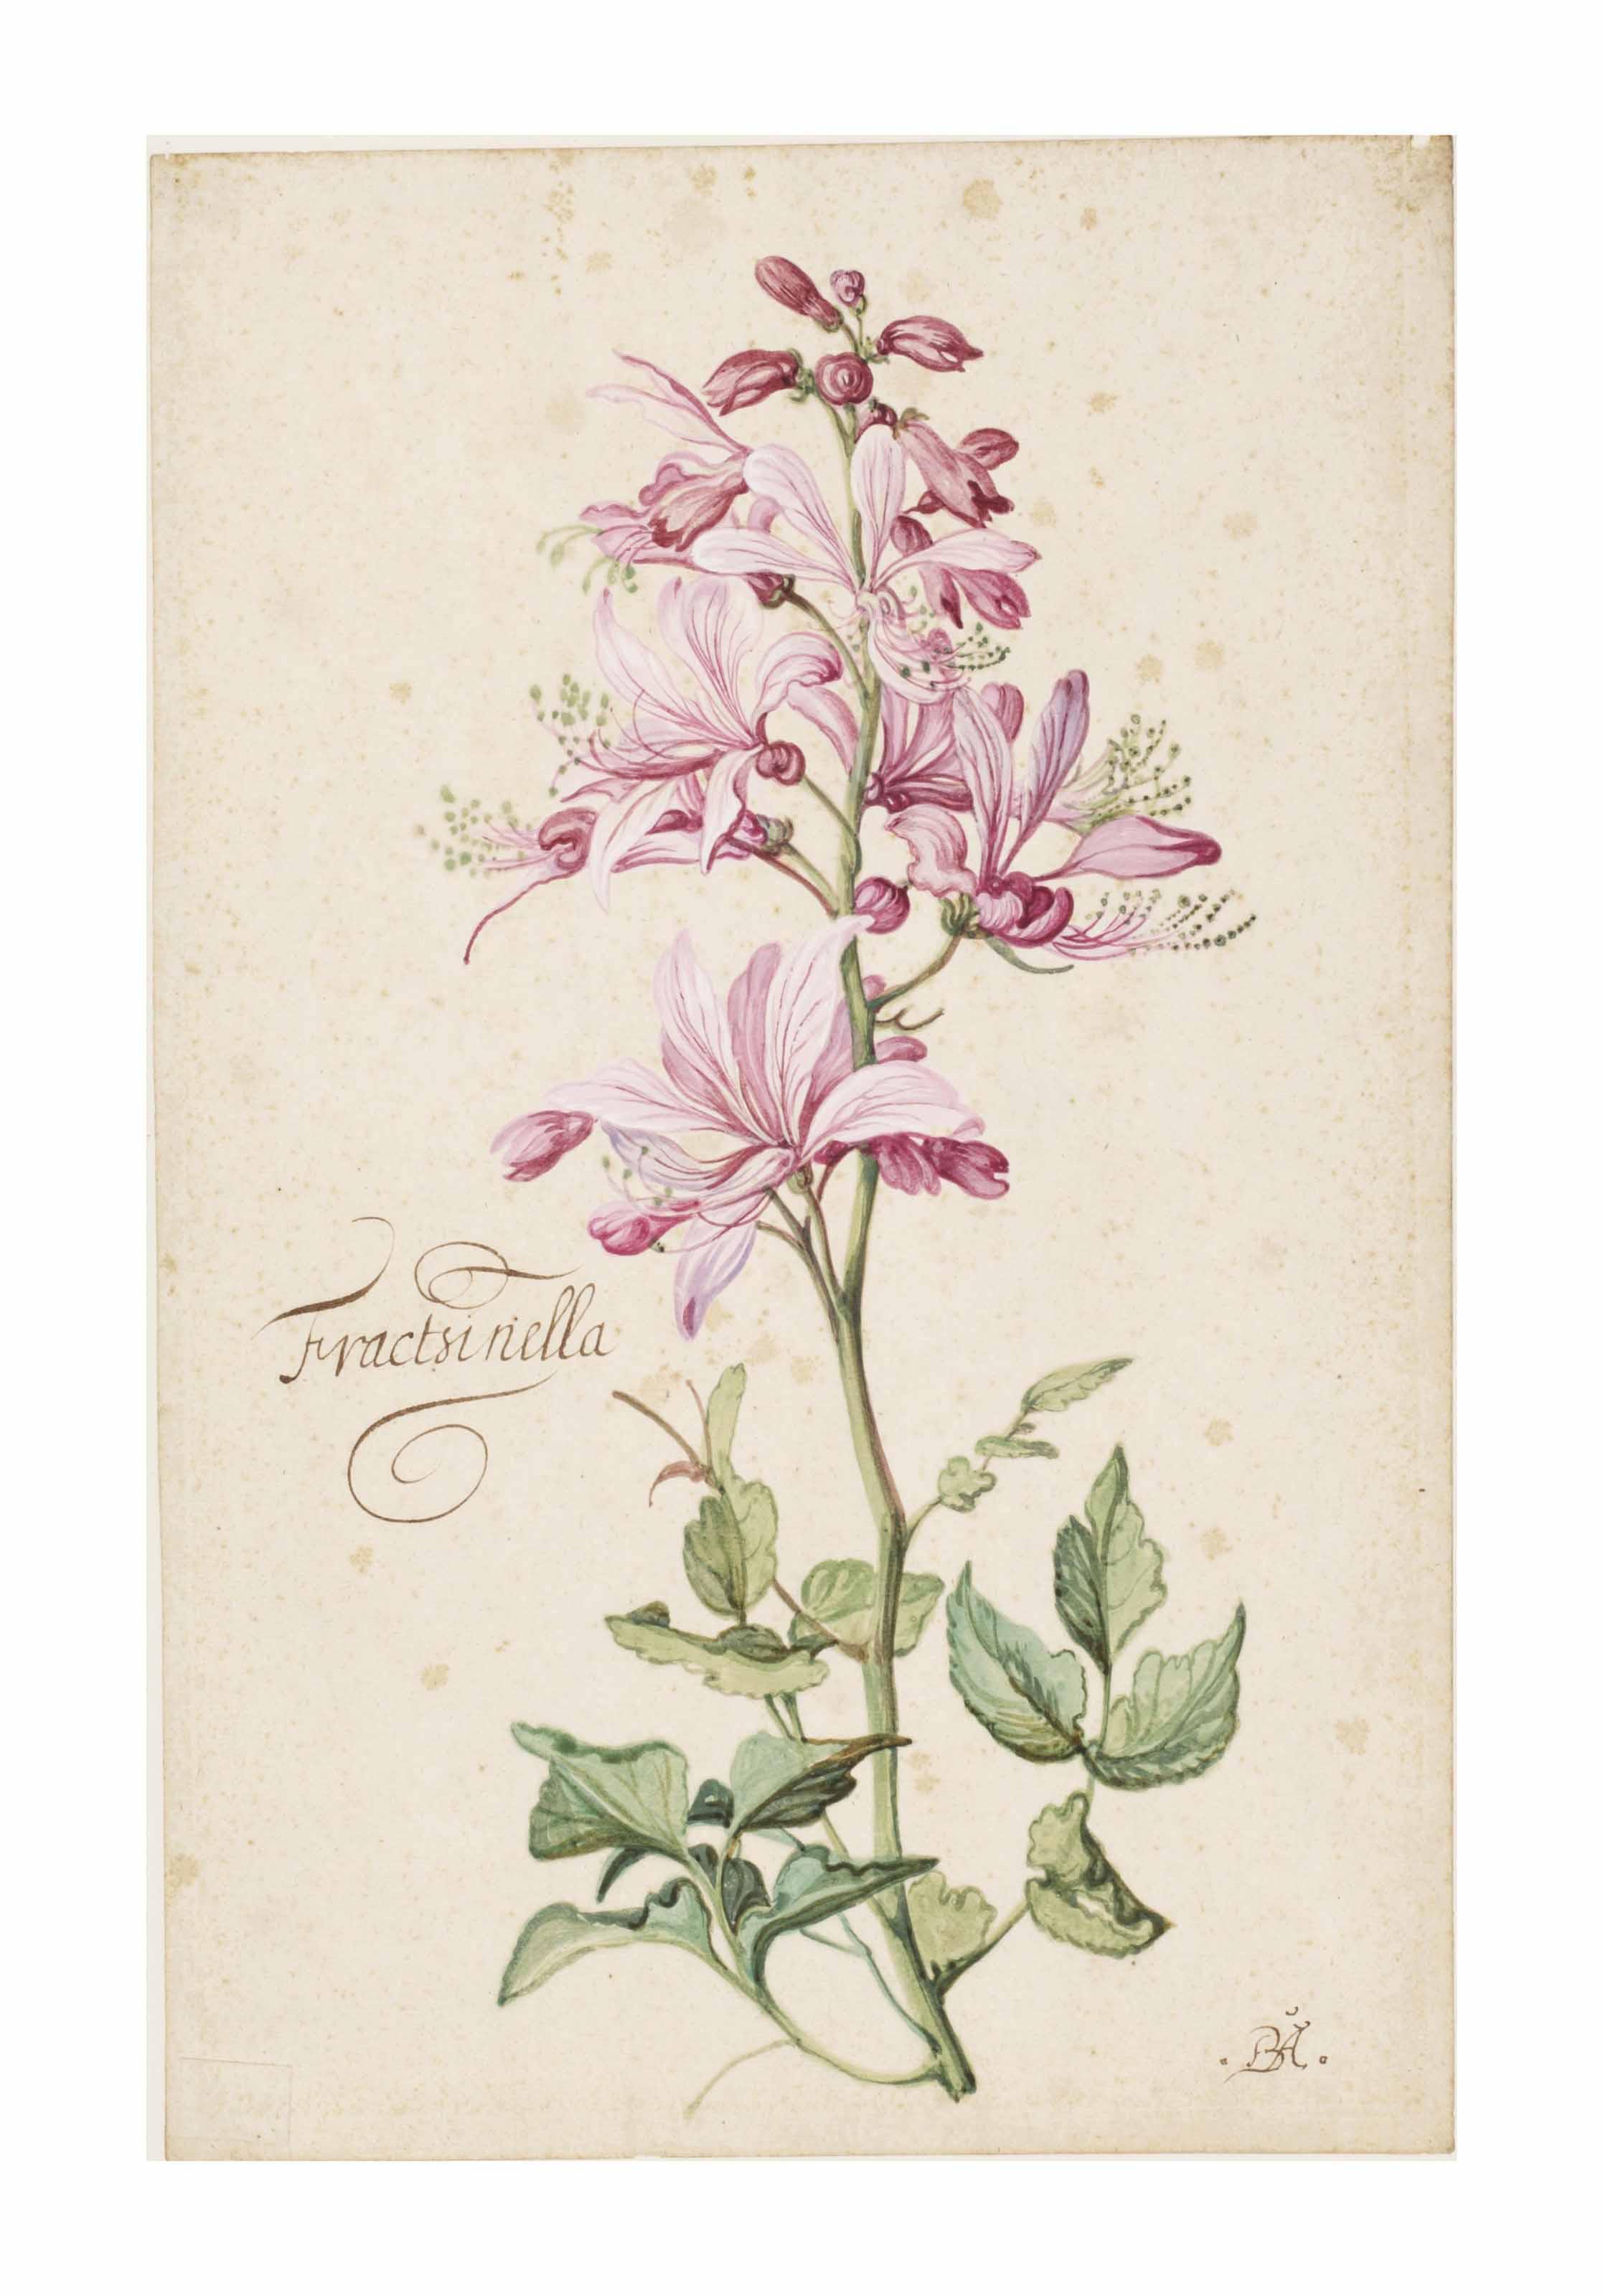 Dictamnus, also called Fraxinella (Dictamnus albus)